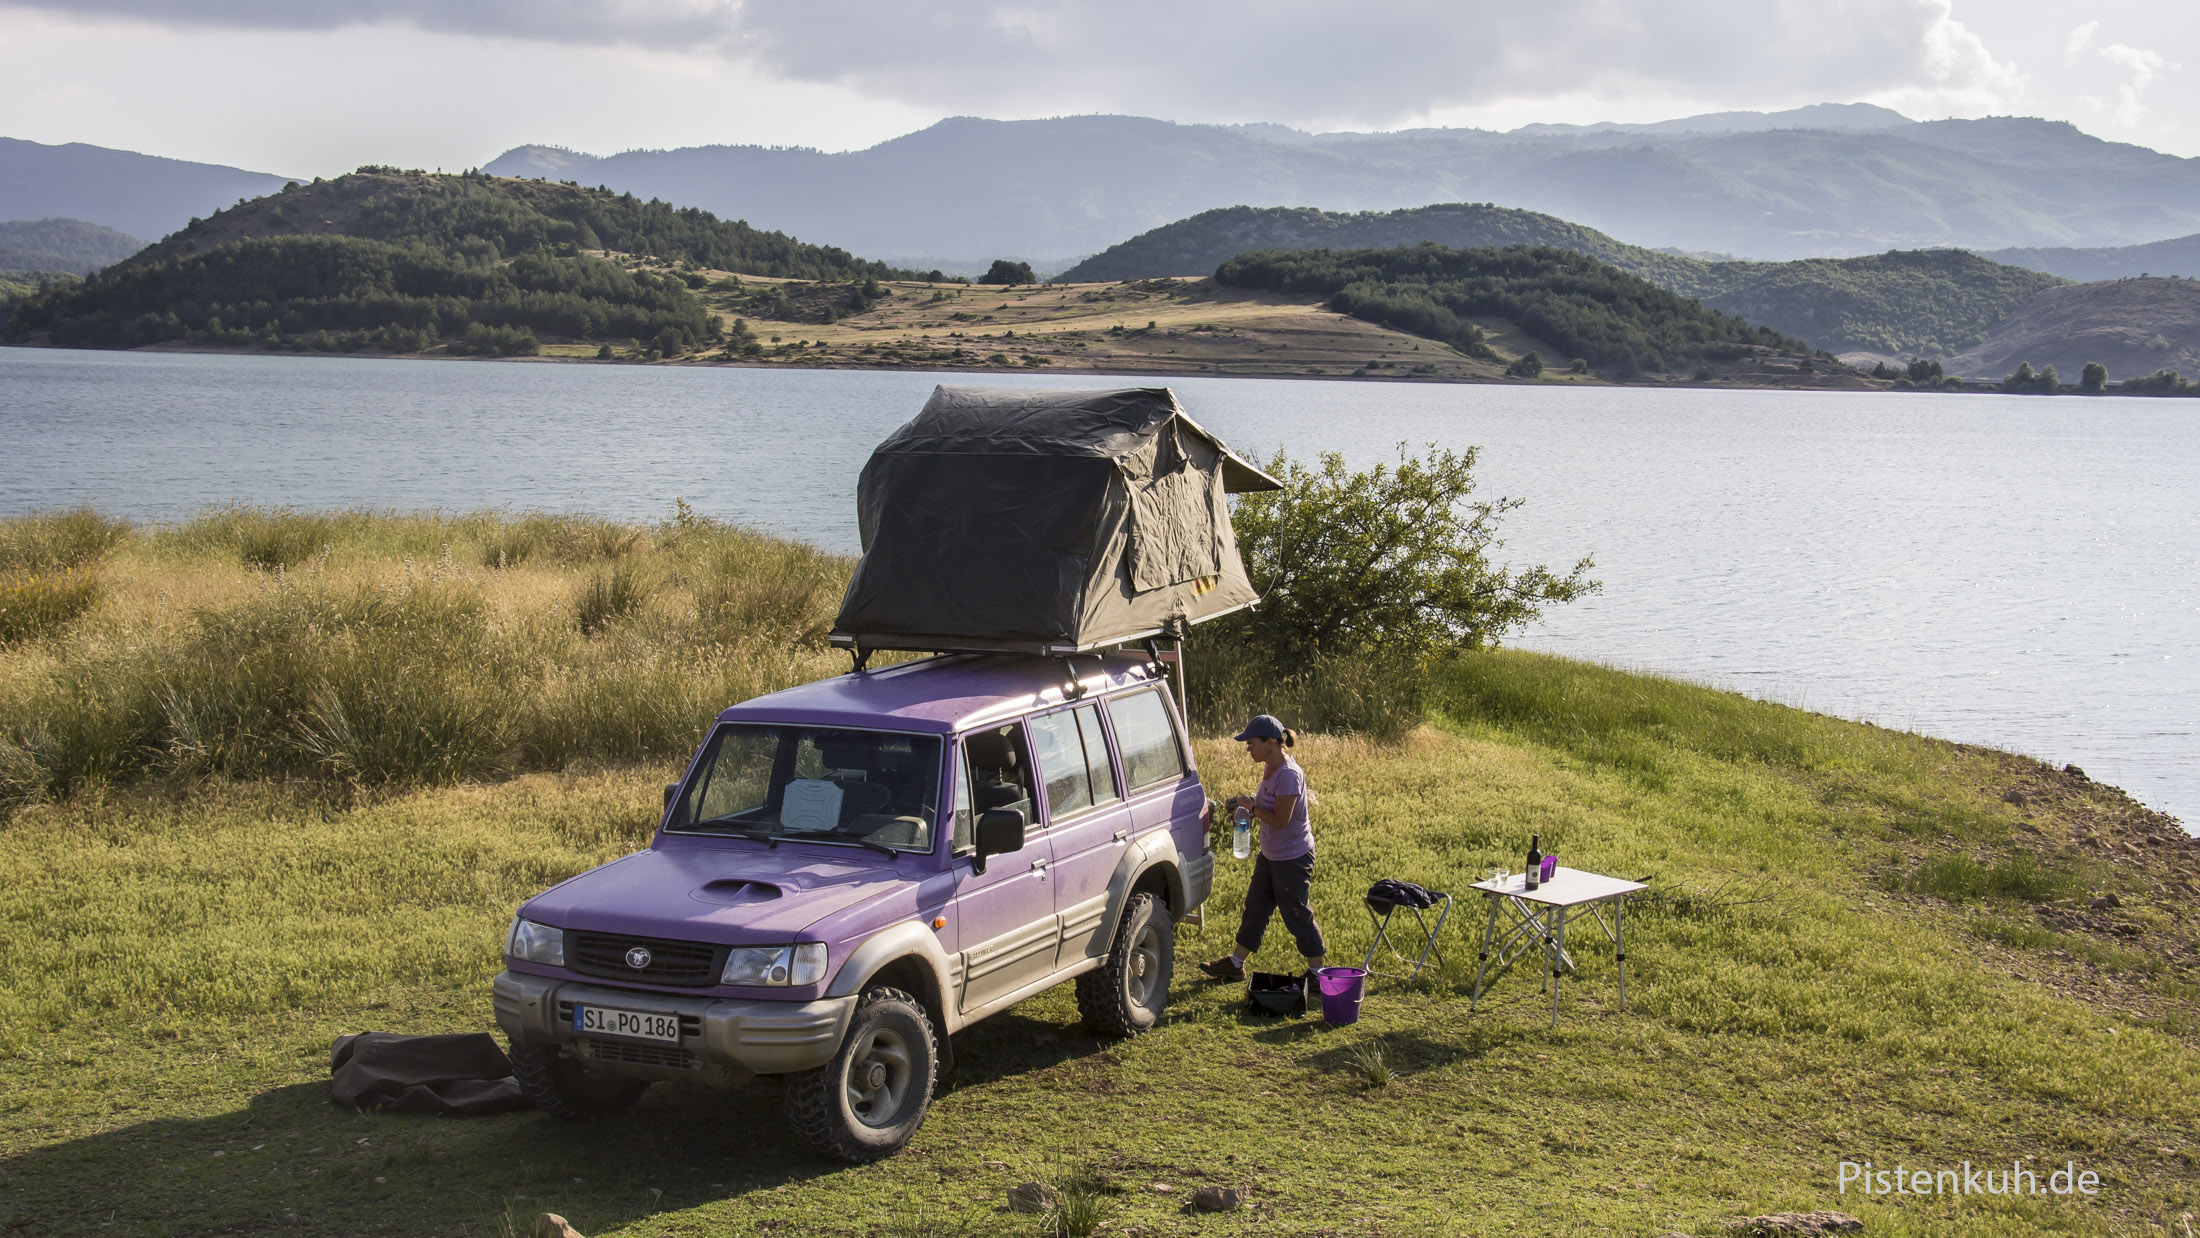 Freies campen ist problemlos möglich